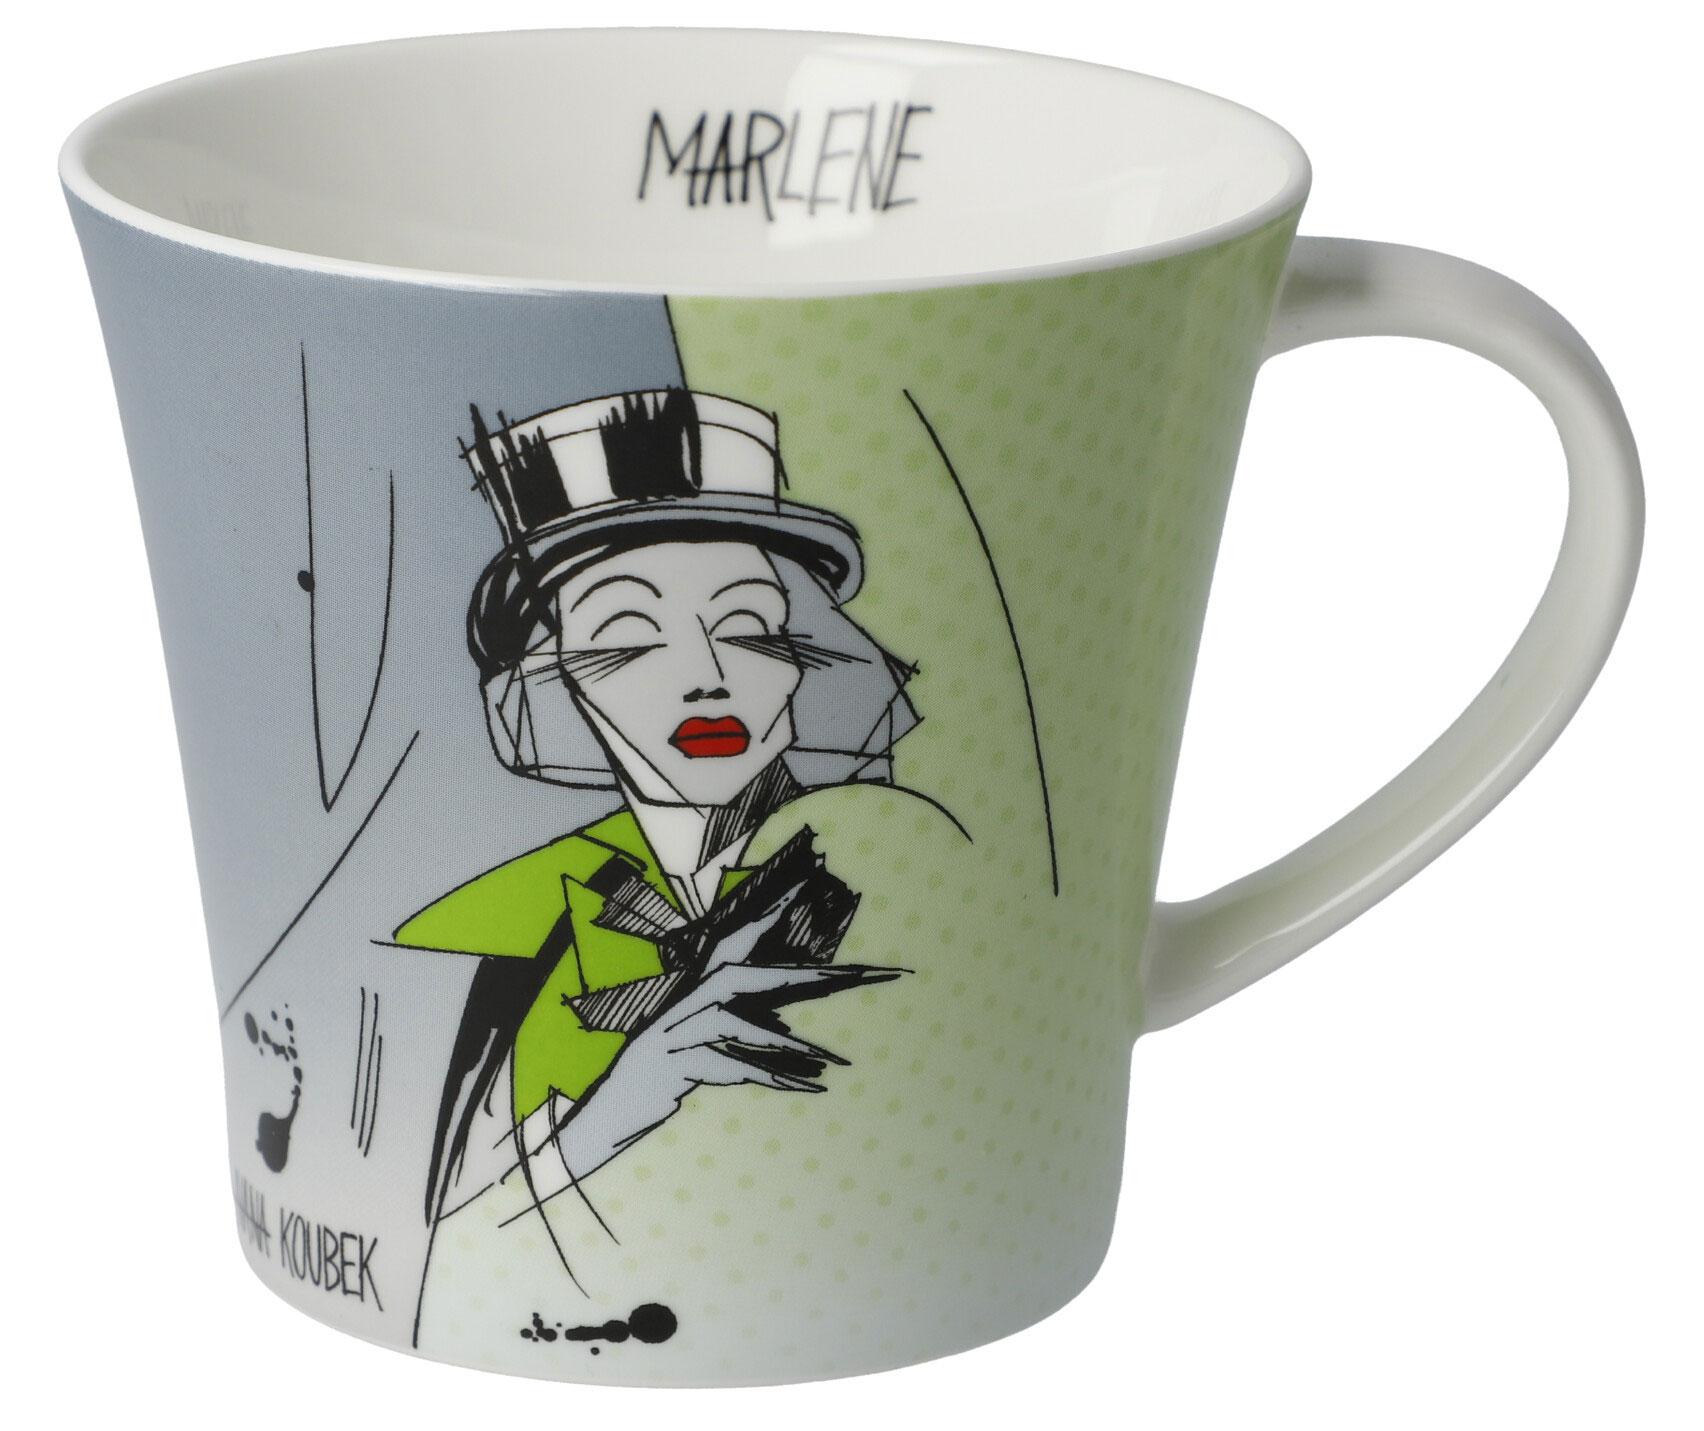 Goebel Marlene Tasse Ivana Koubek Künstlertasse Teetasse Kaffeetasse 27100011